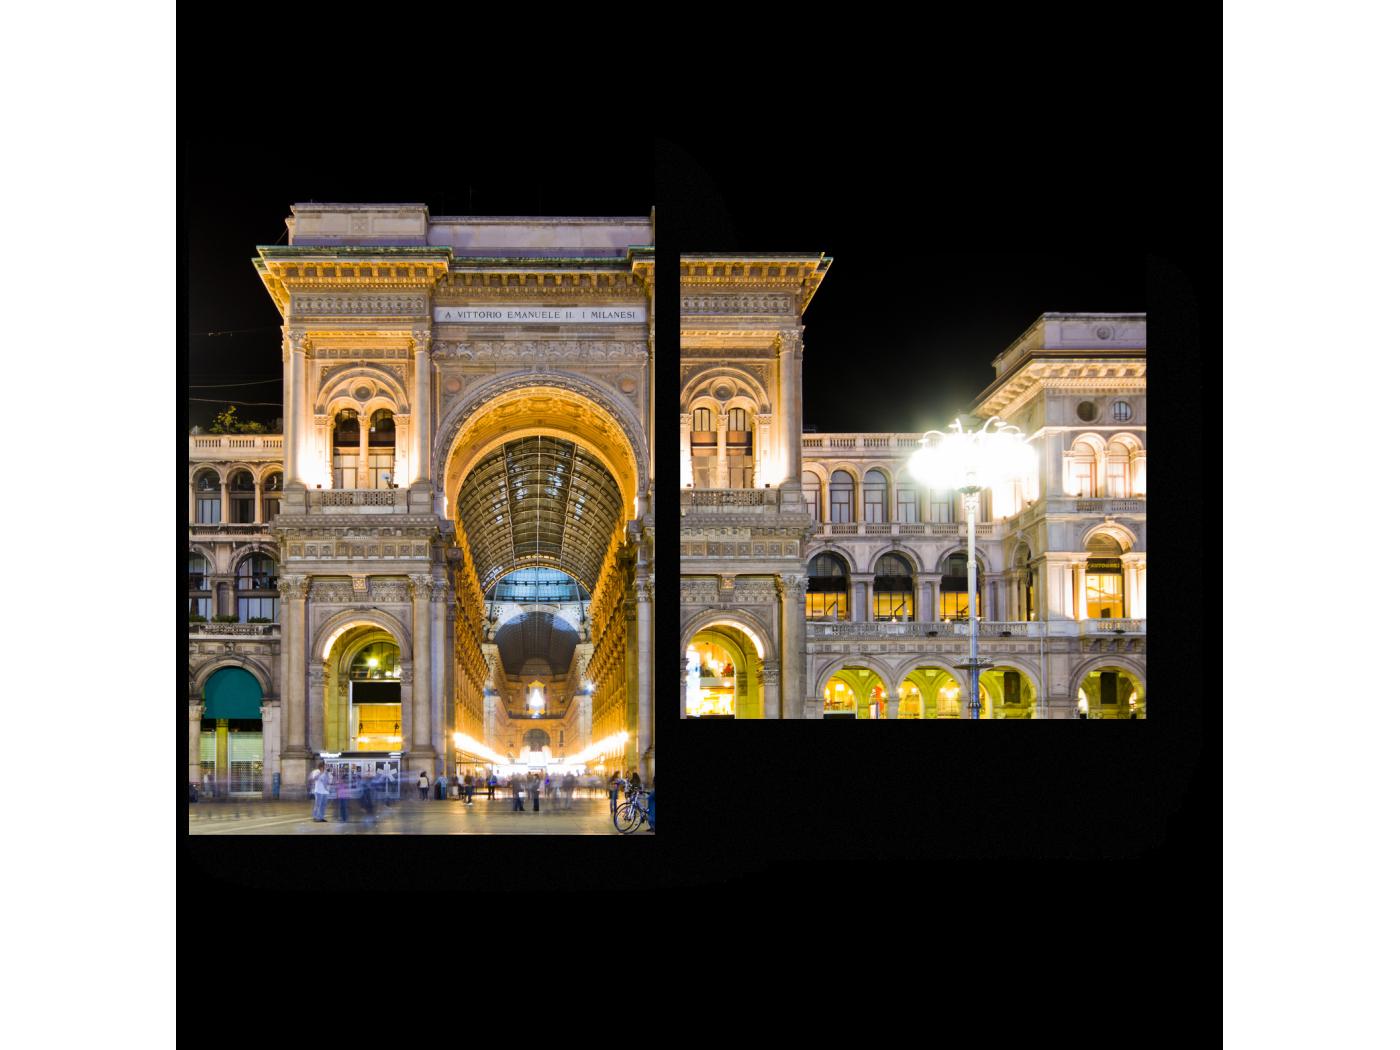 Модульная картина Галерея Витторио Эмануеле в свете ночных огней. Милан (40x30) фото